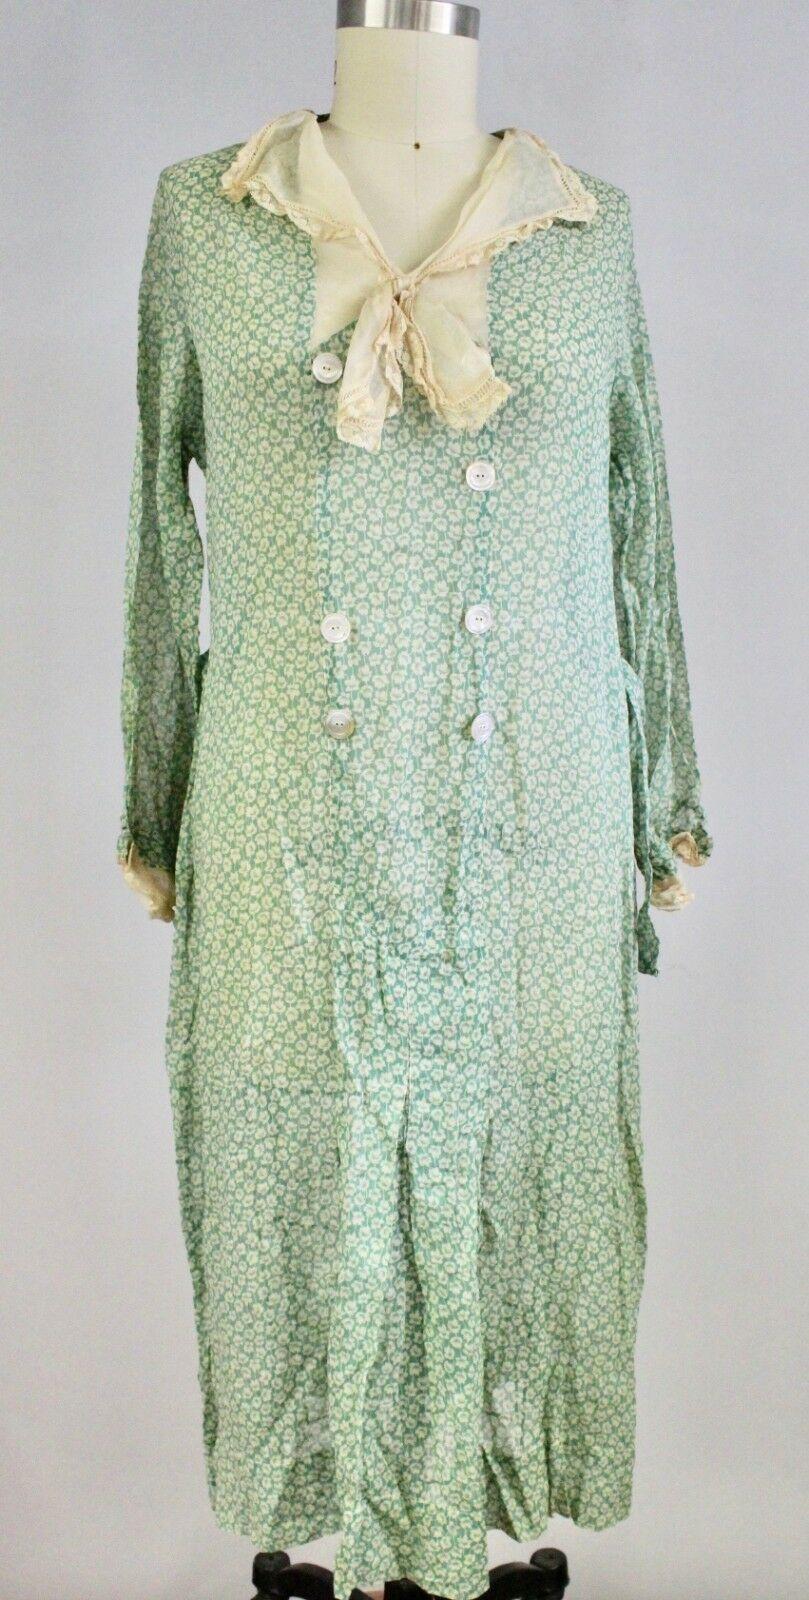 1920s Cotton Gauze House Dress Green Print M L Antique Vintage L Aiglon Ebay Evening Dresses Vintage Blouse Victorian Style House Dress [ 1600 x 809 Pixel ]